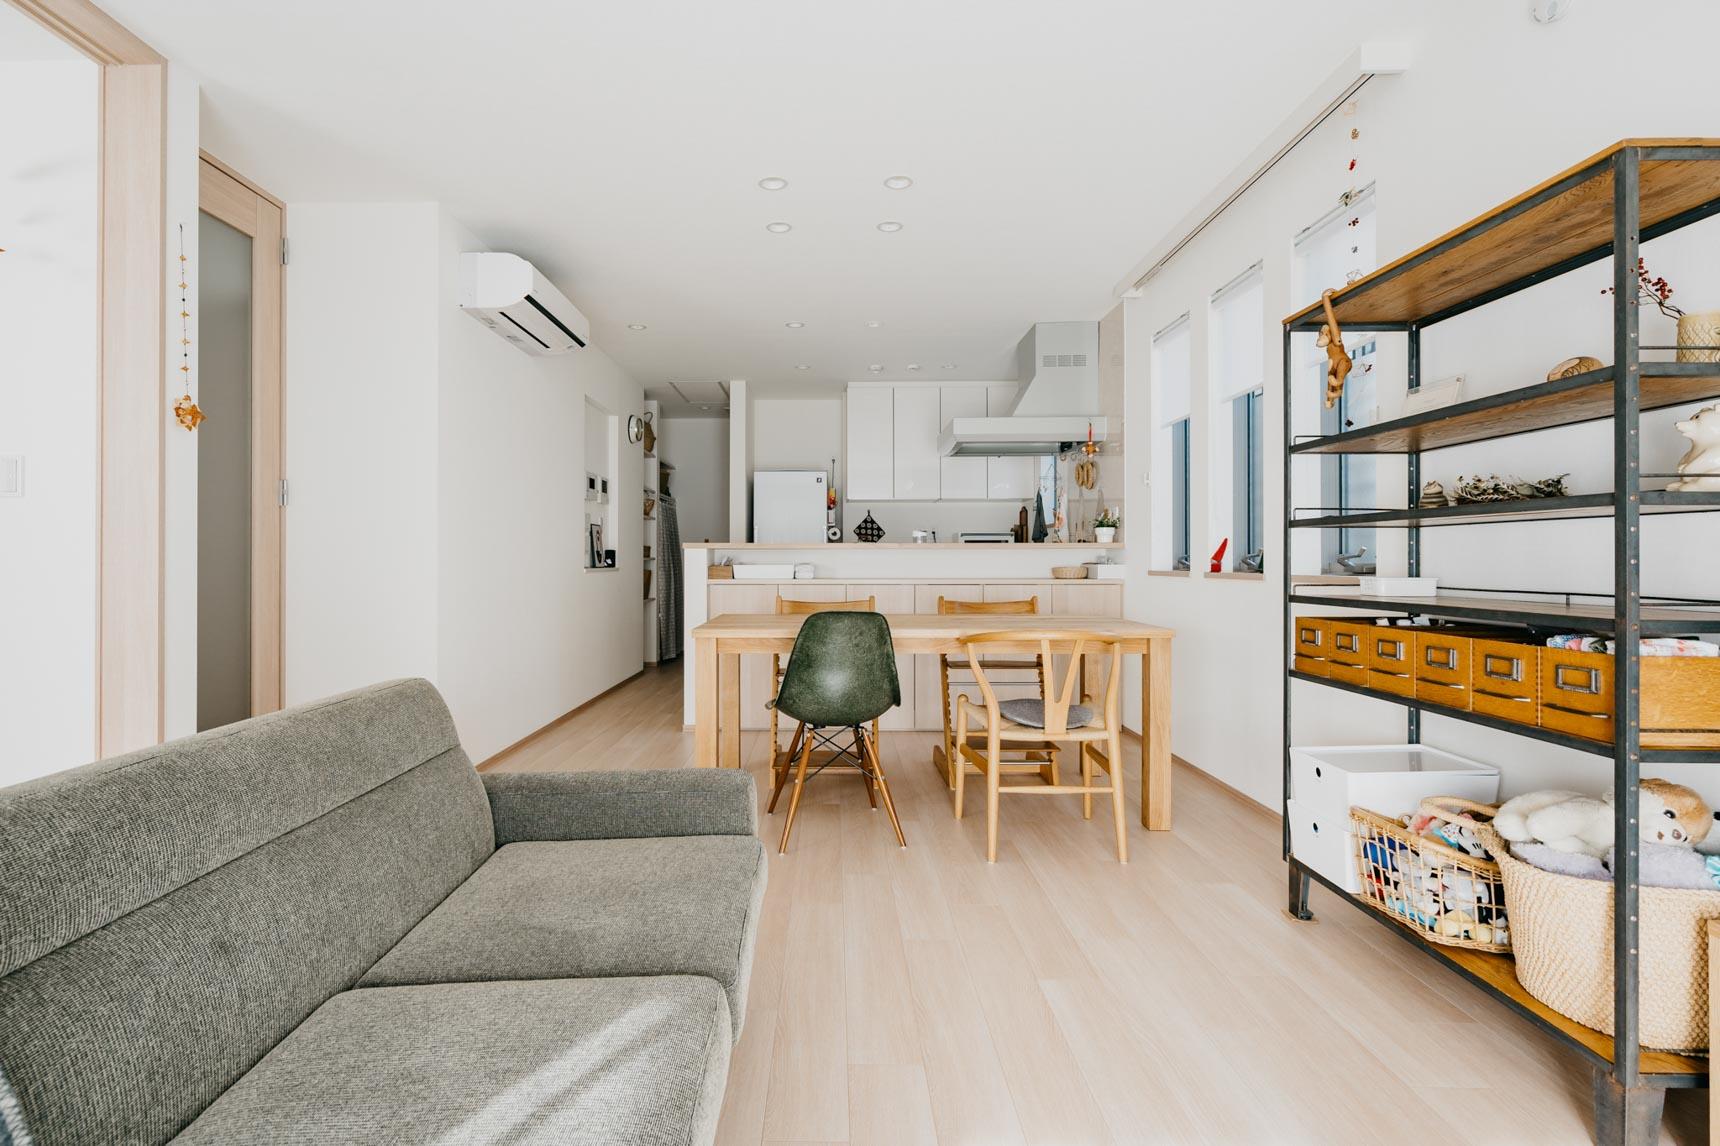 賃貸のお部屋でも、かなりゆったりとつくられた間取りもポイント。大きなカウンターキッチンがとても使いやすそうです。